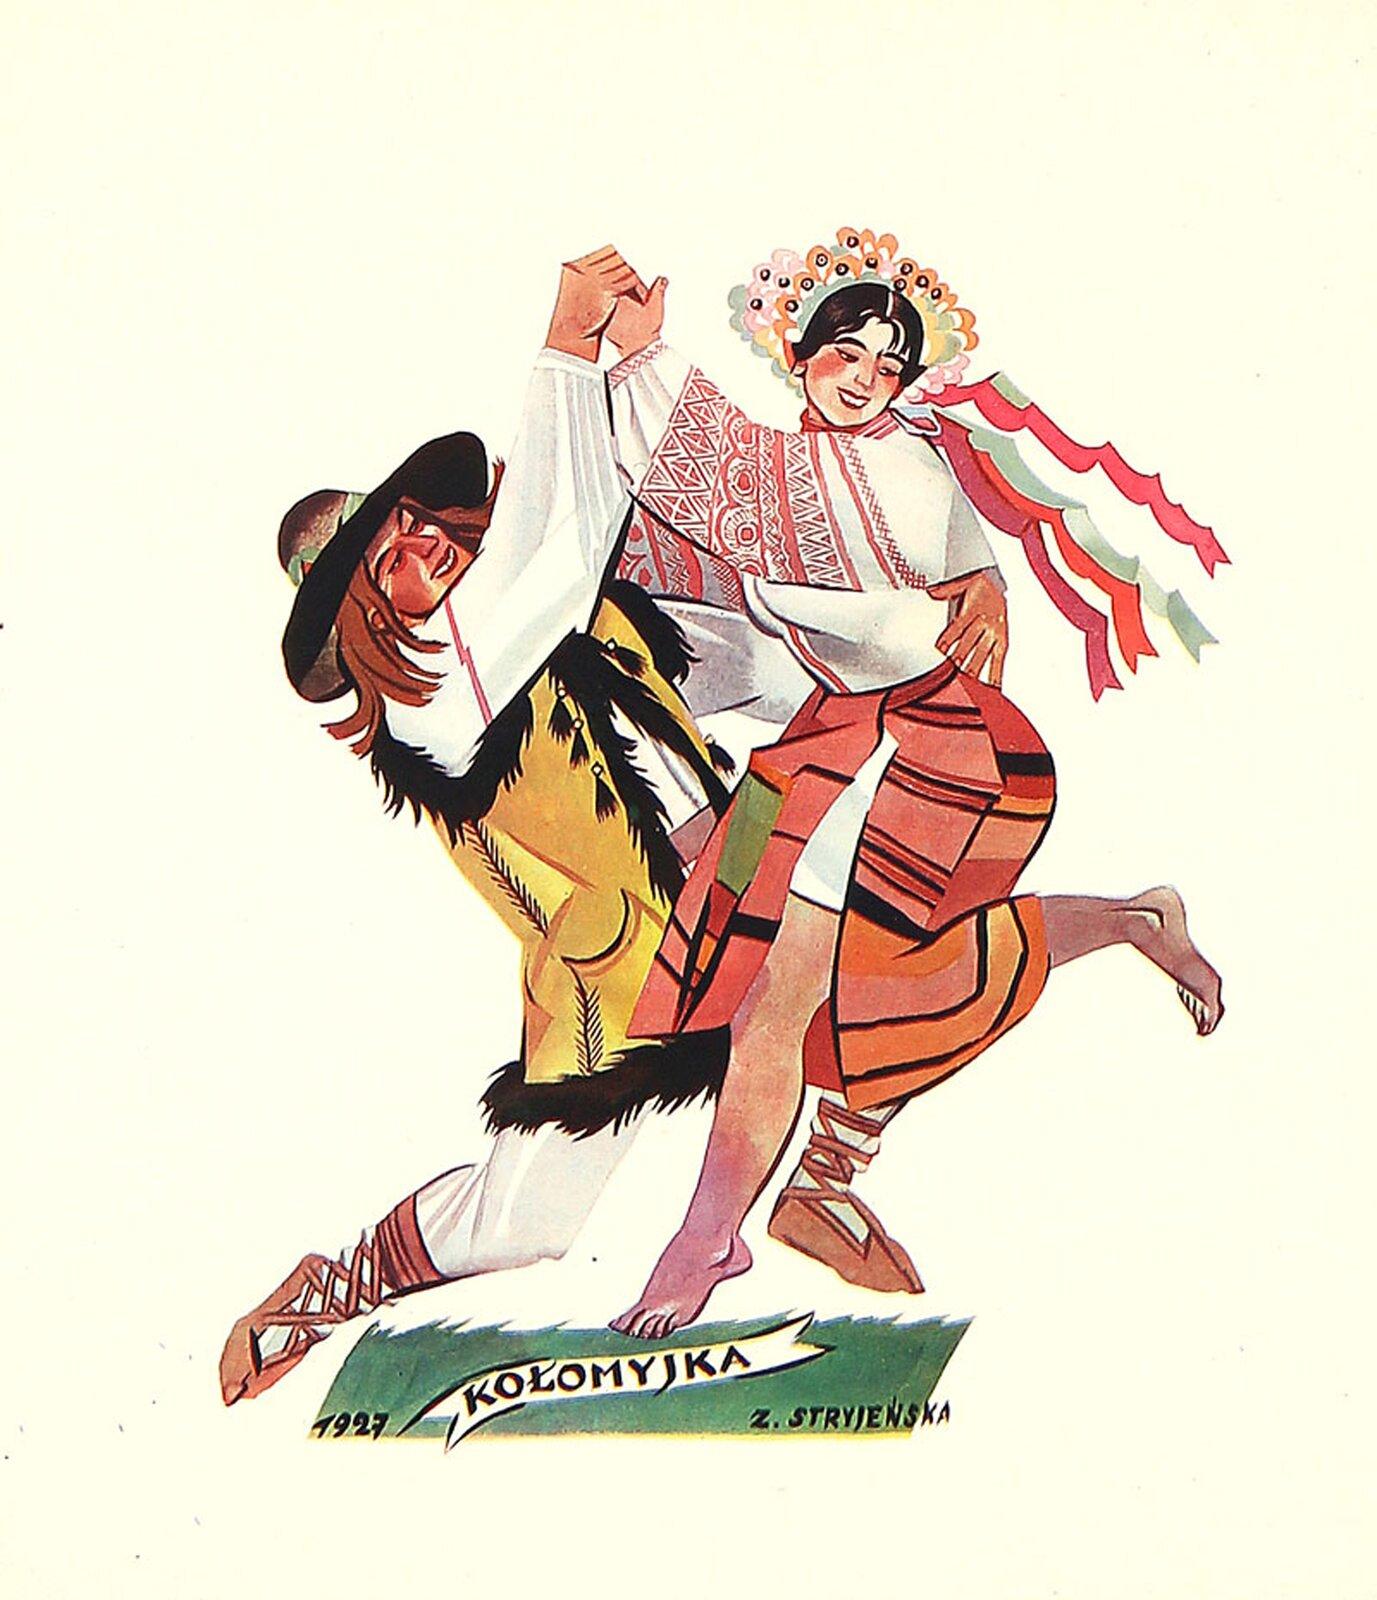 """Na ilustracji grafika Zofii Stryjeńskiej """"Kołomyjka"""". Przedstawia kobietę imężczyznę. Postaci ubrane są wkolorowe stroje ludowe. Mężczyzna ubrany jest wbiałą koszulę, jasne spodnie ikożuszek bez rękawów, na głowie ma czarny kapelusz. Kobieta ma kolorową żółto-pomarańczowo-czerwoną spódnicę ibiałą koszulę zczerwonymi haftami na rękawach."""